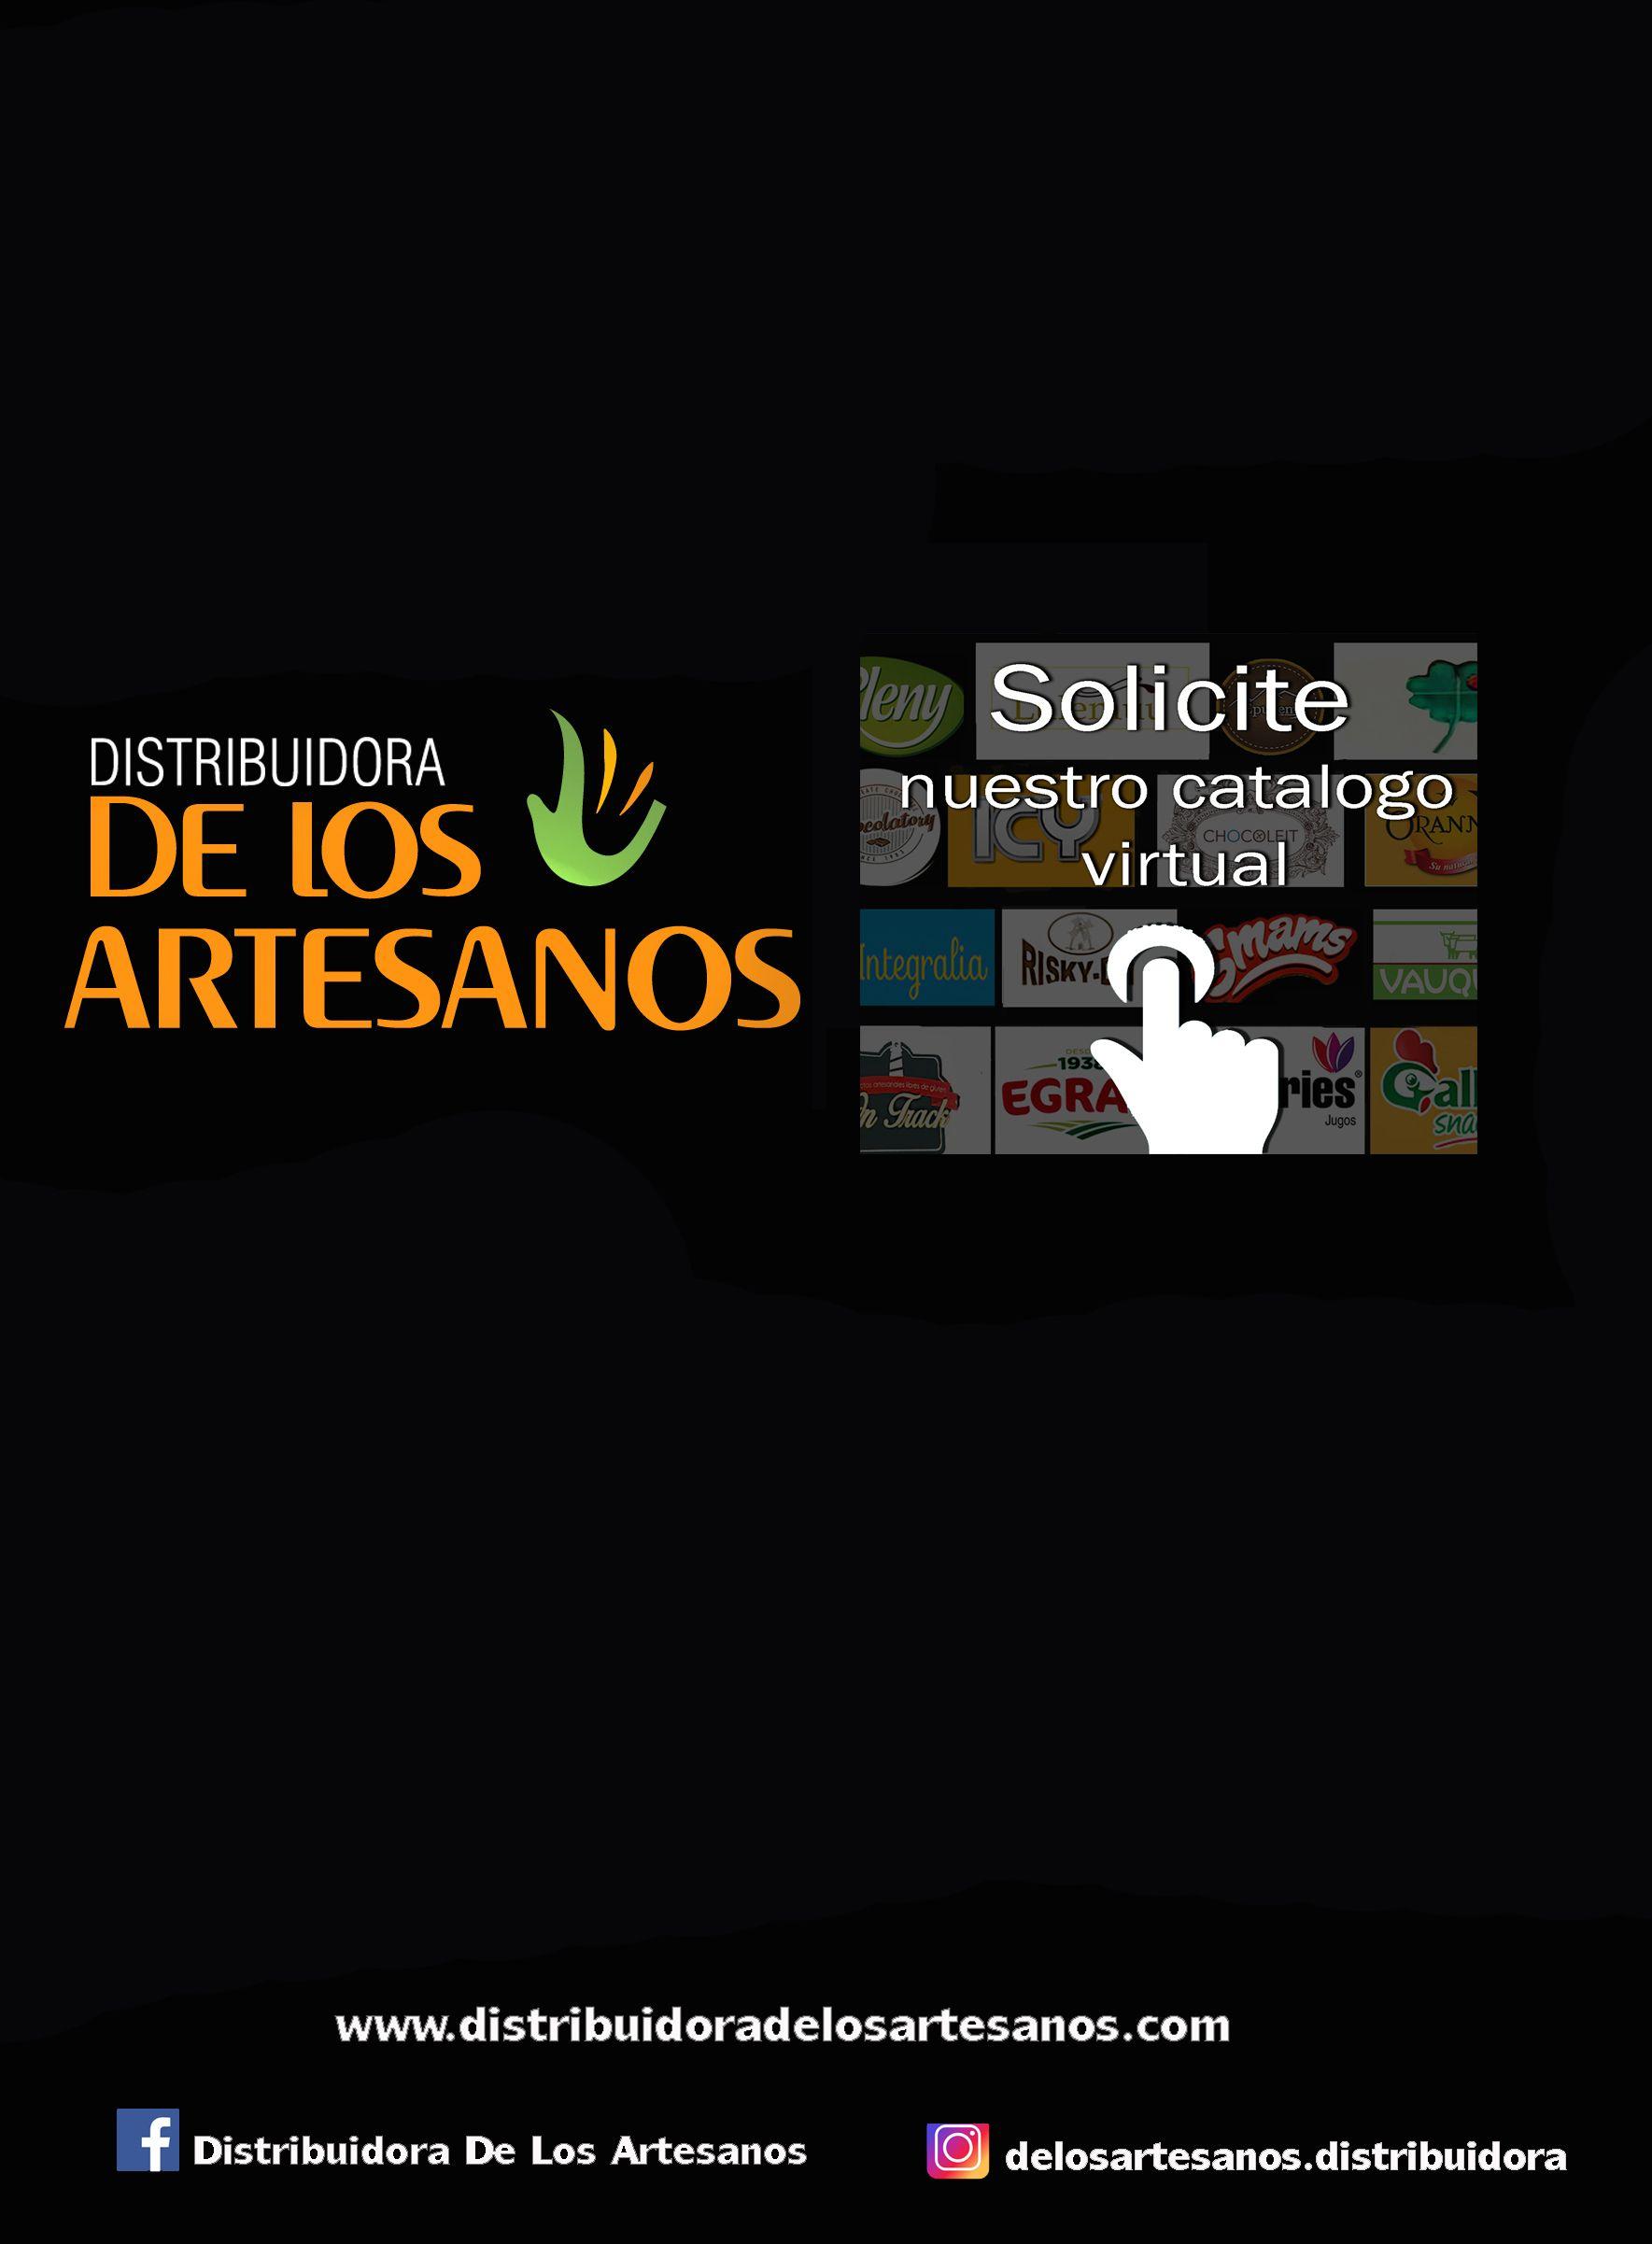 Distribuidora De Los Artesanos Hacemos Ventas Mayorista Dietetica A Todo El Pais Artesanos Distribuidor Mayorista